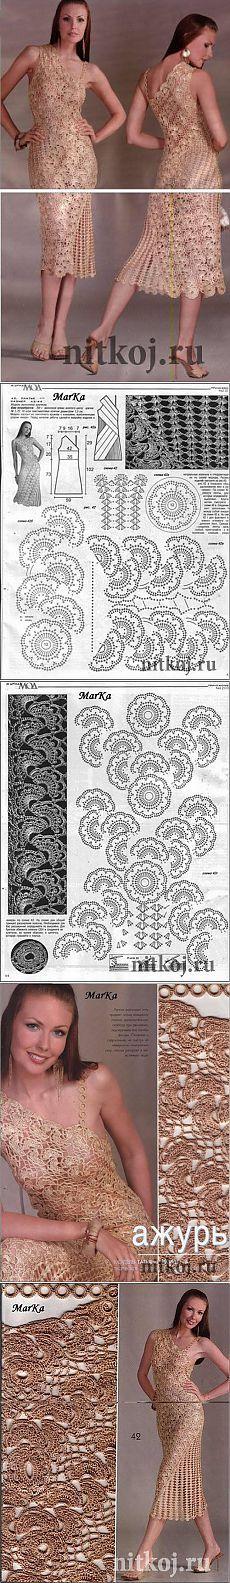 Золотое платье крючком » Ниткой - вязаные вещи для вашего дома, вязание крючком, вязание спицами, схемы вязания